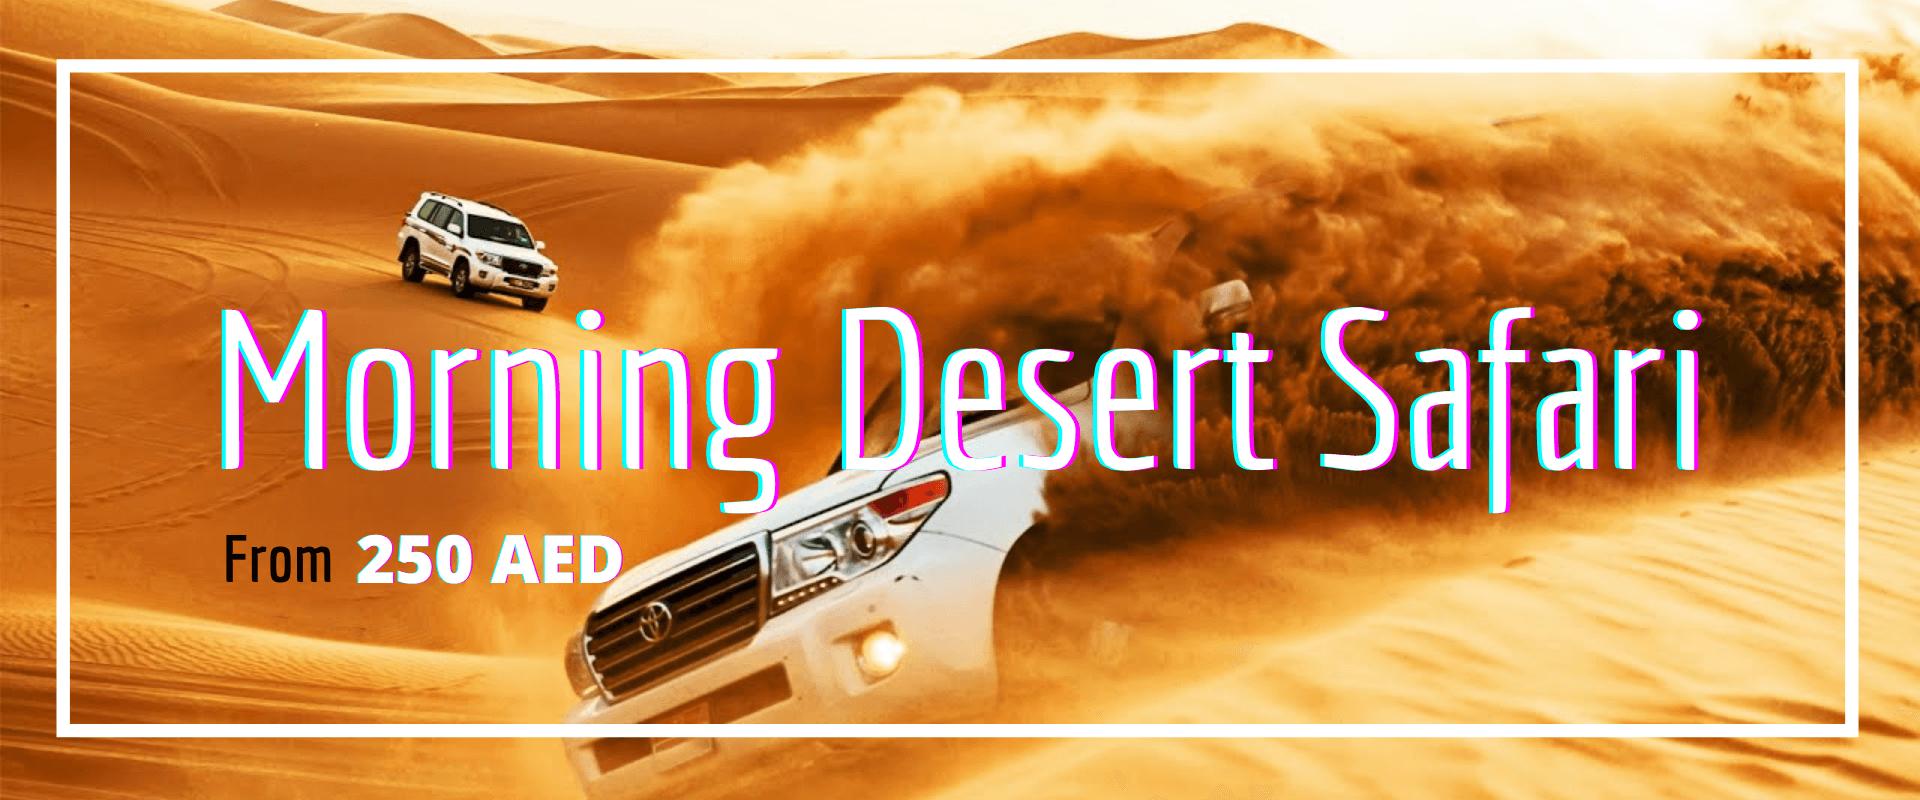 Morning Desert Safari Packages